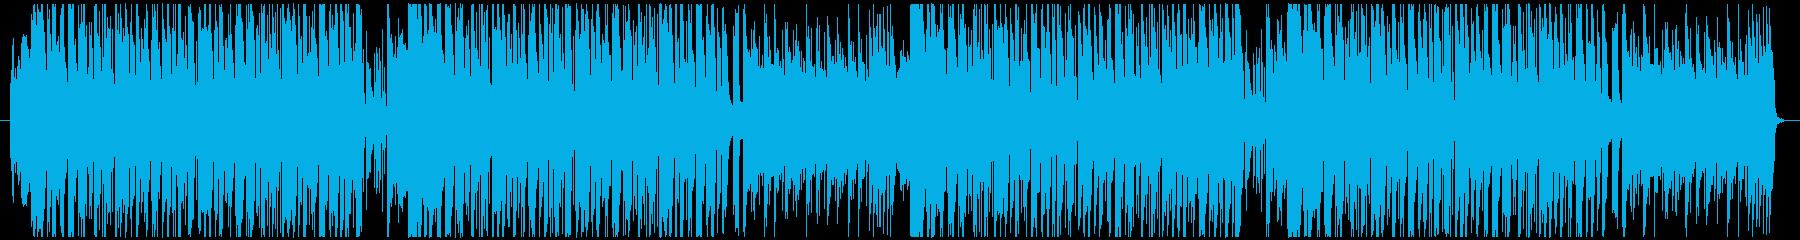 サンバ・カーニバルのBGMの再生済みの波形